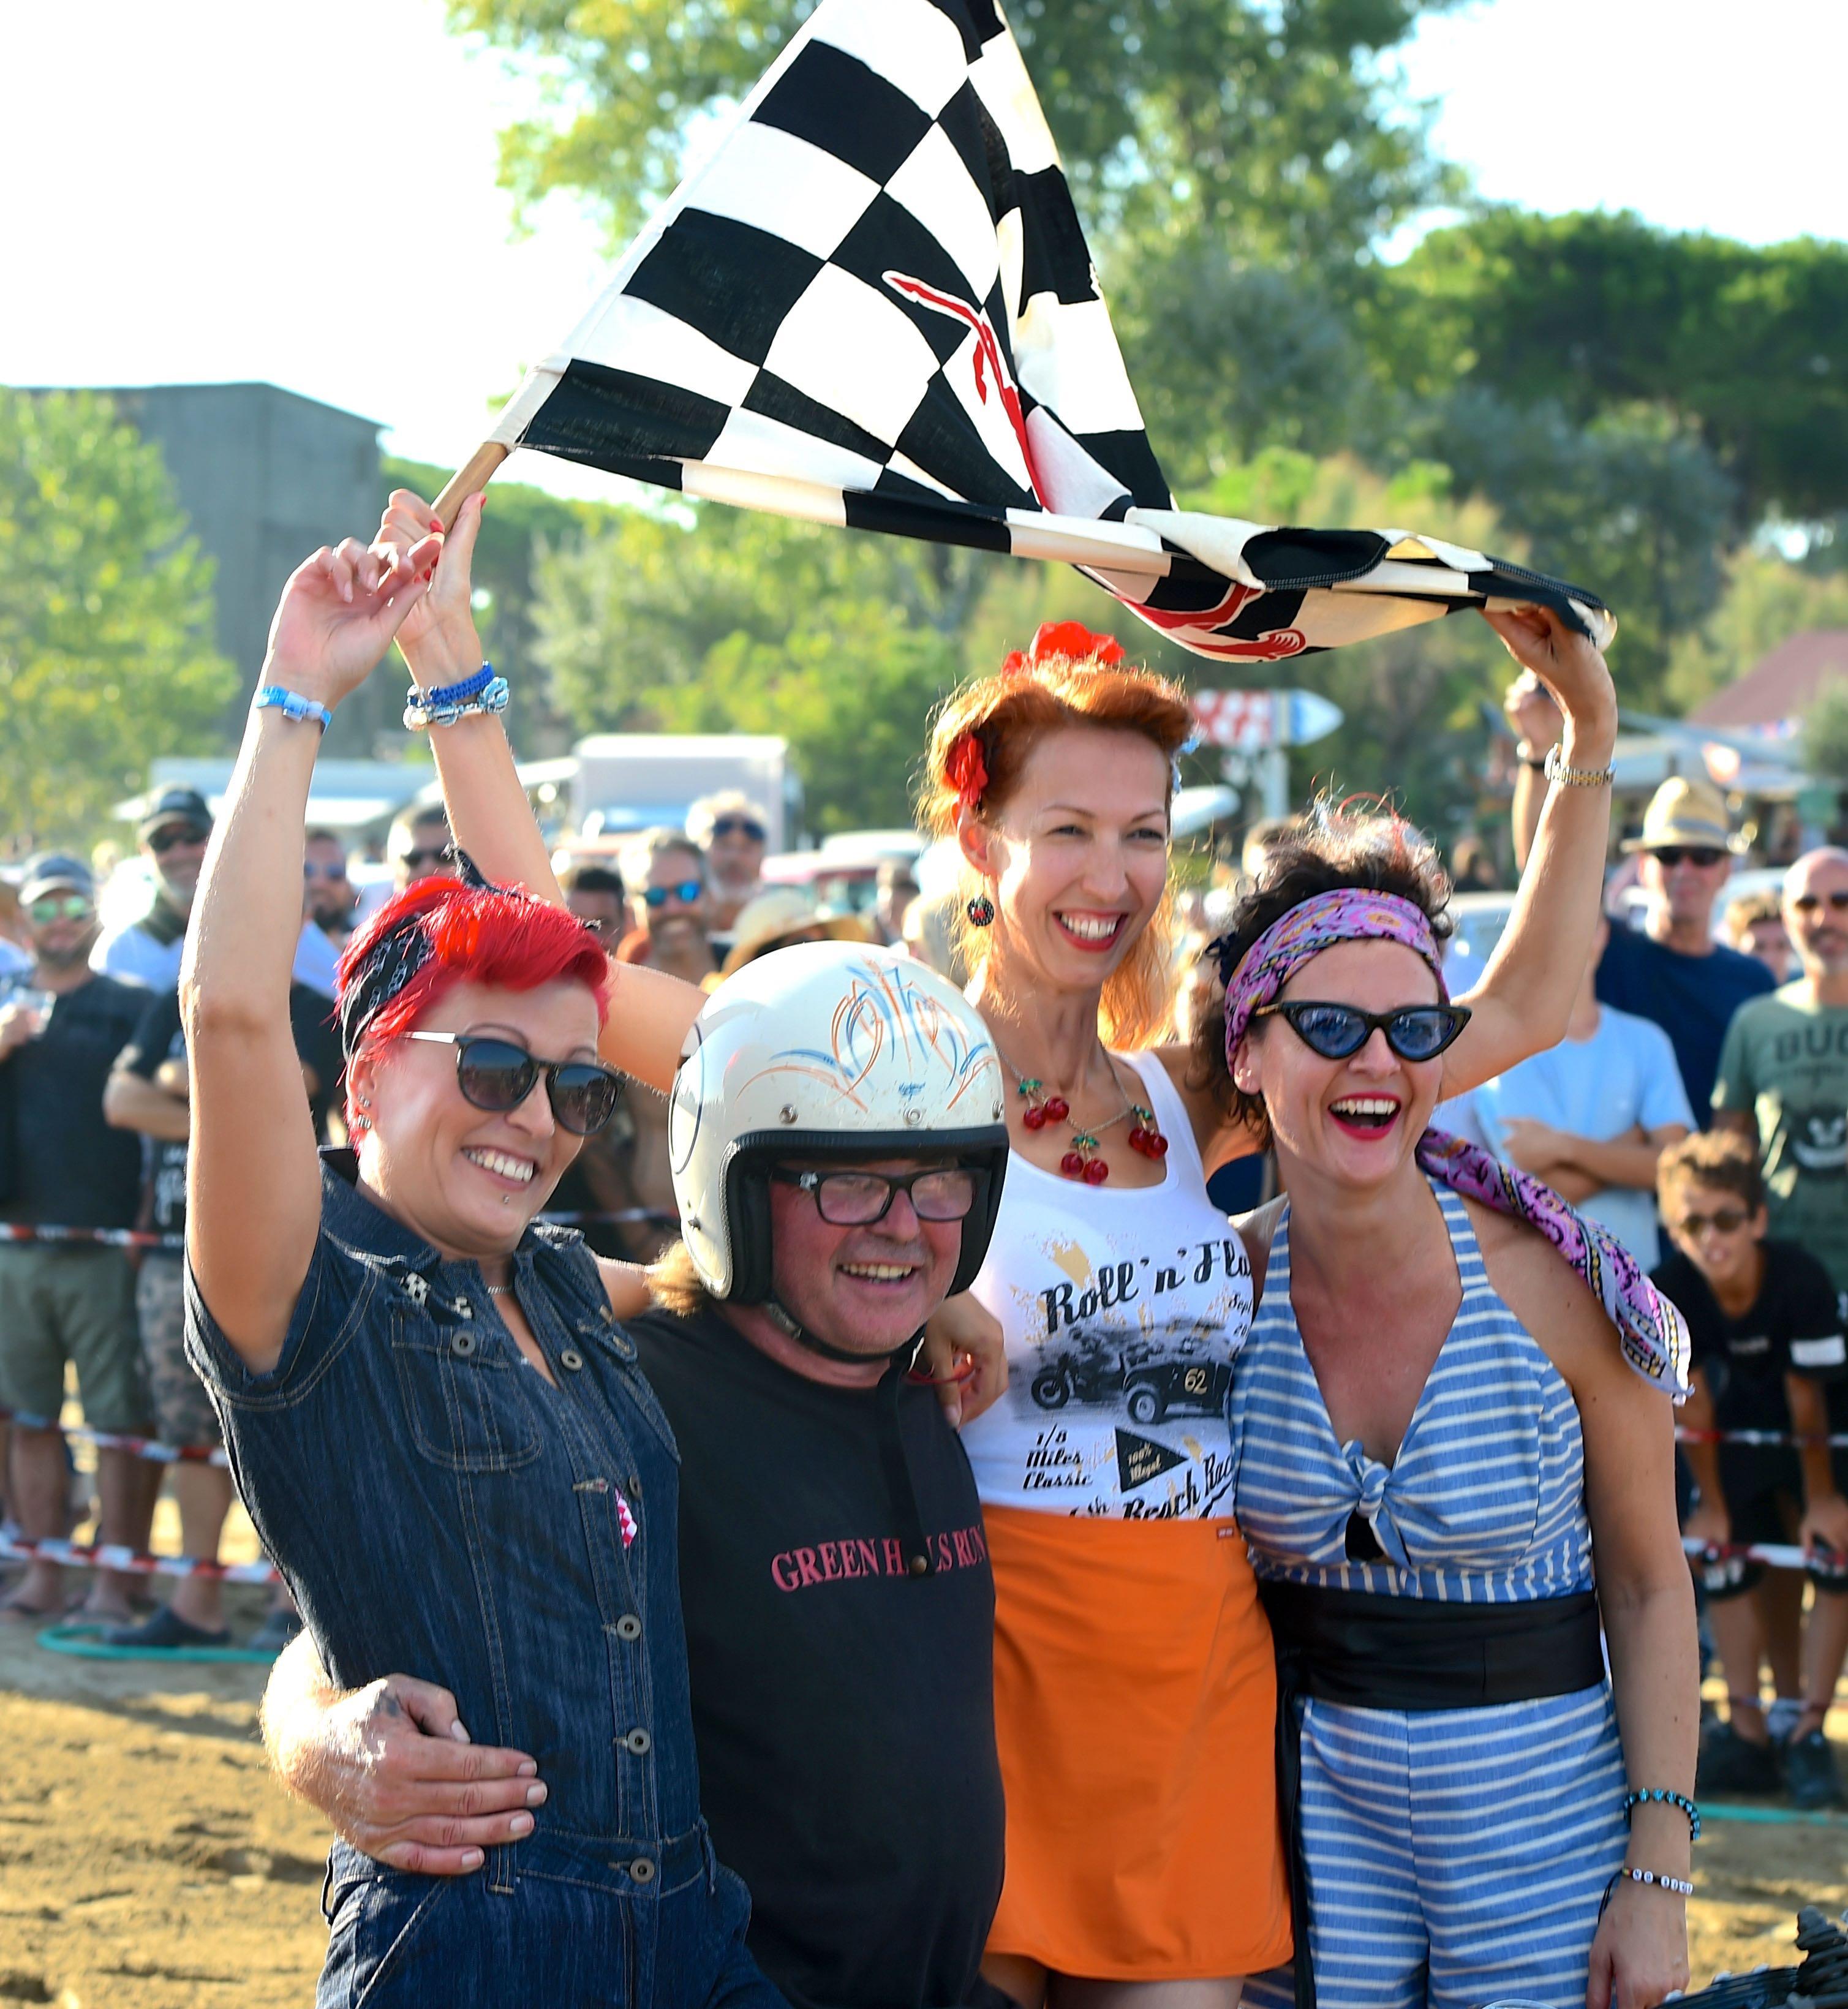 Roll'n Flat Beach Race_pubblico appassionato